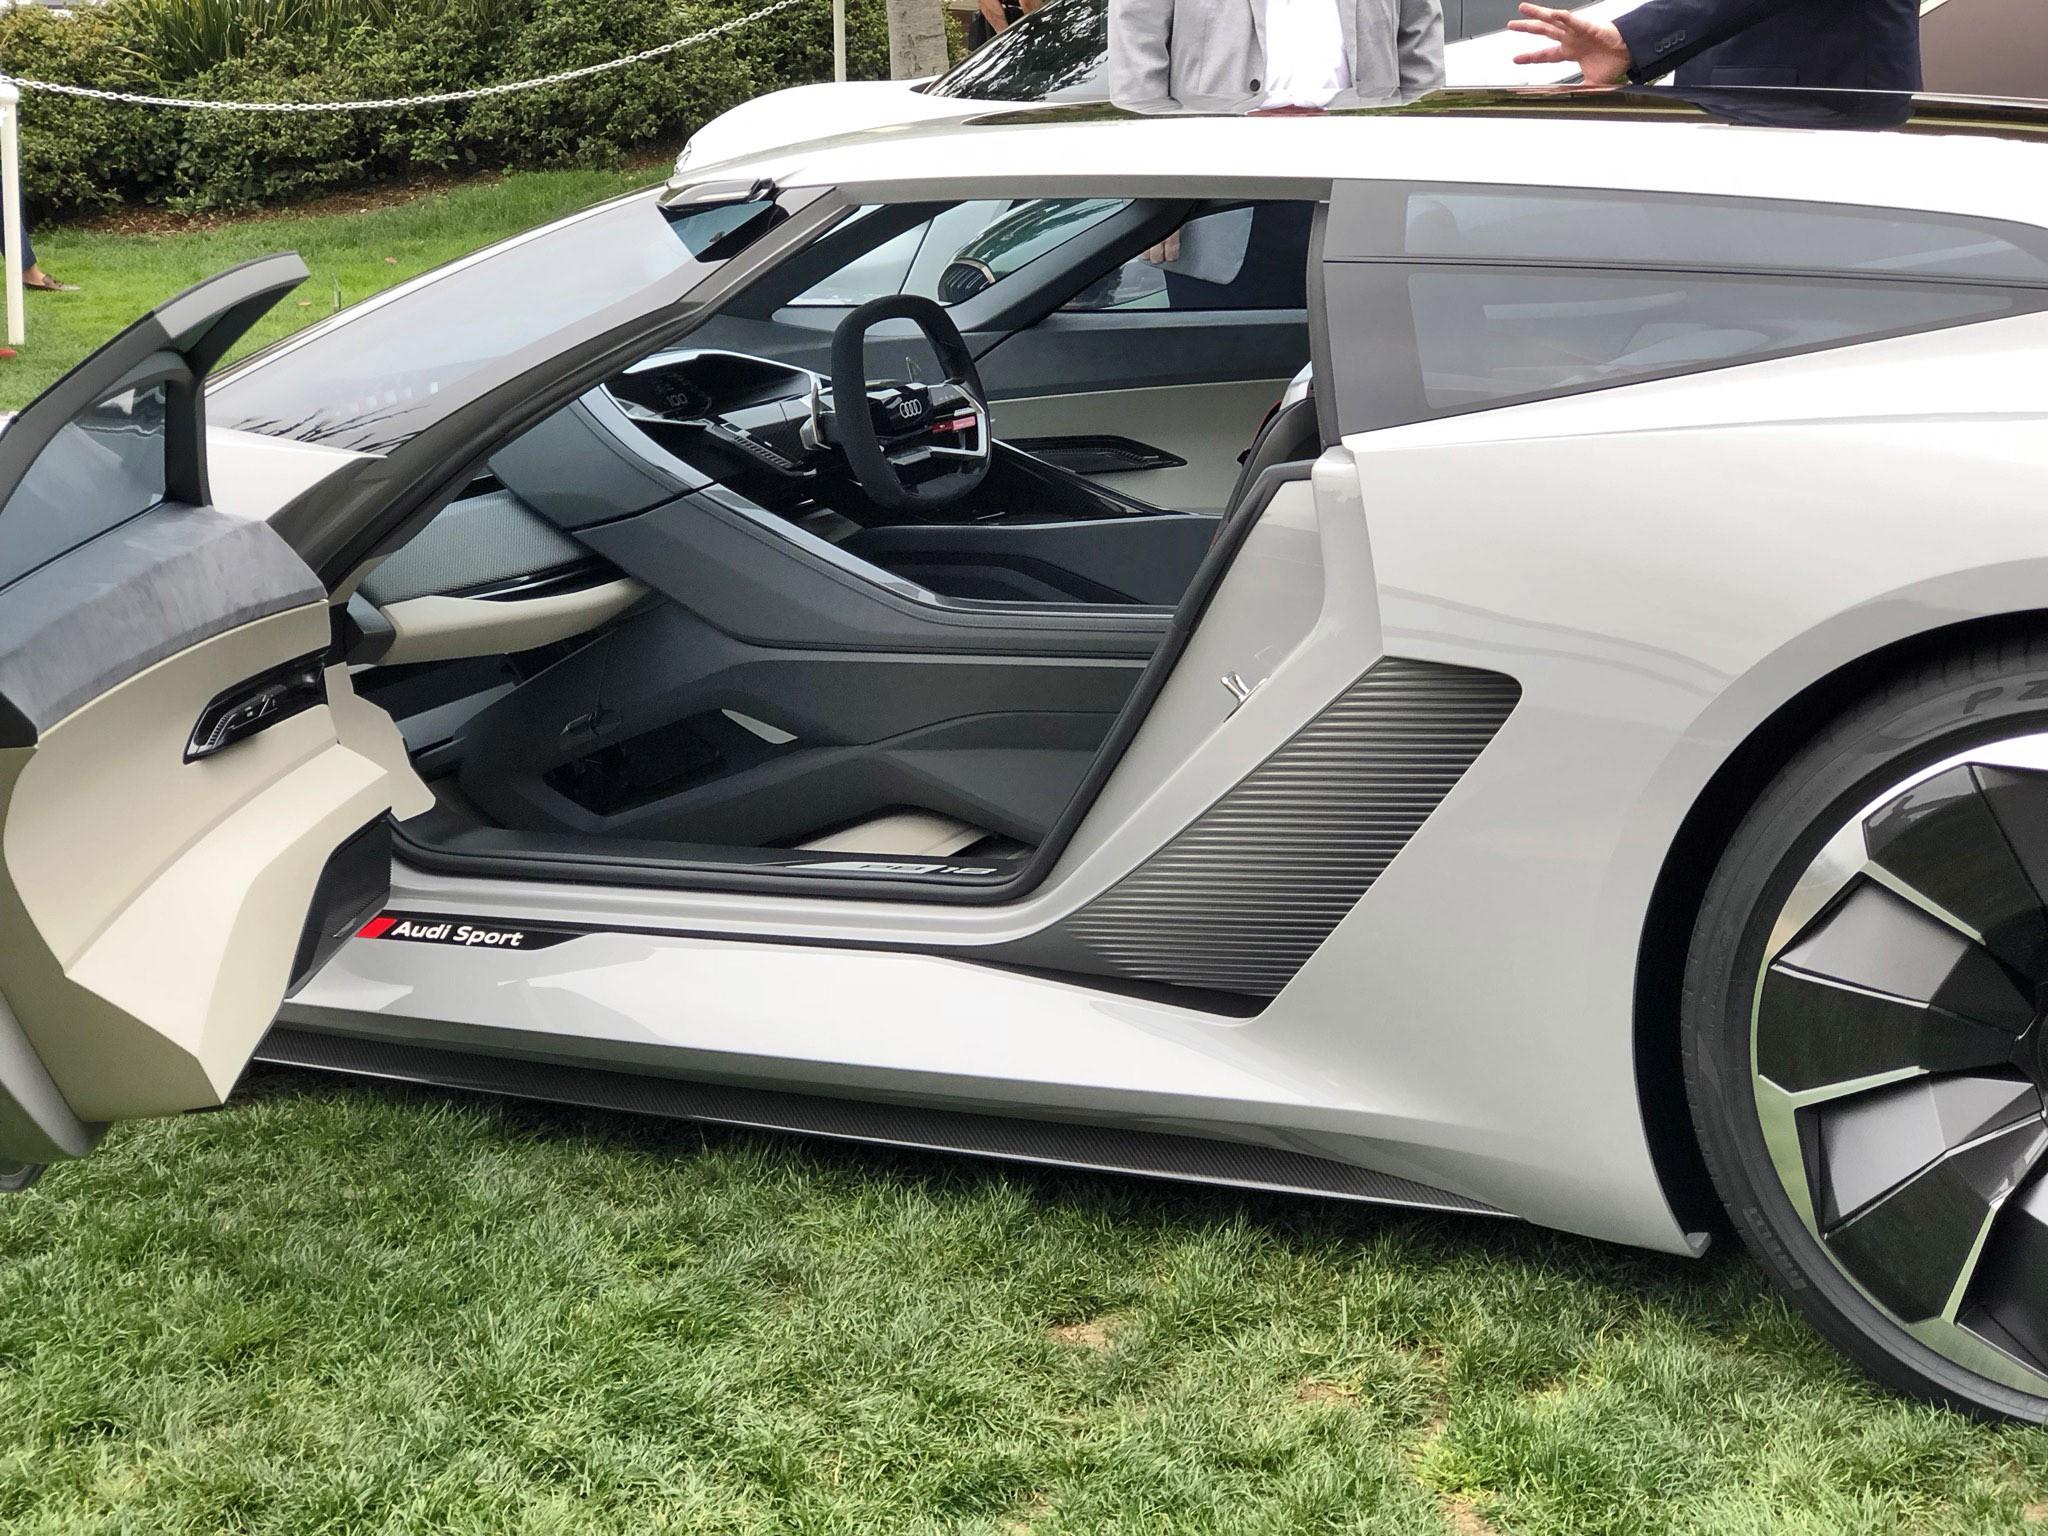 Local Car Auctions >> Pebble Beach 2018 Debut - Audi PB18 e-tron Concept - By ...